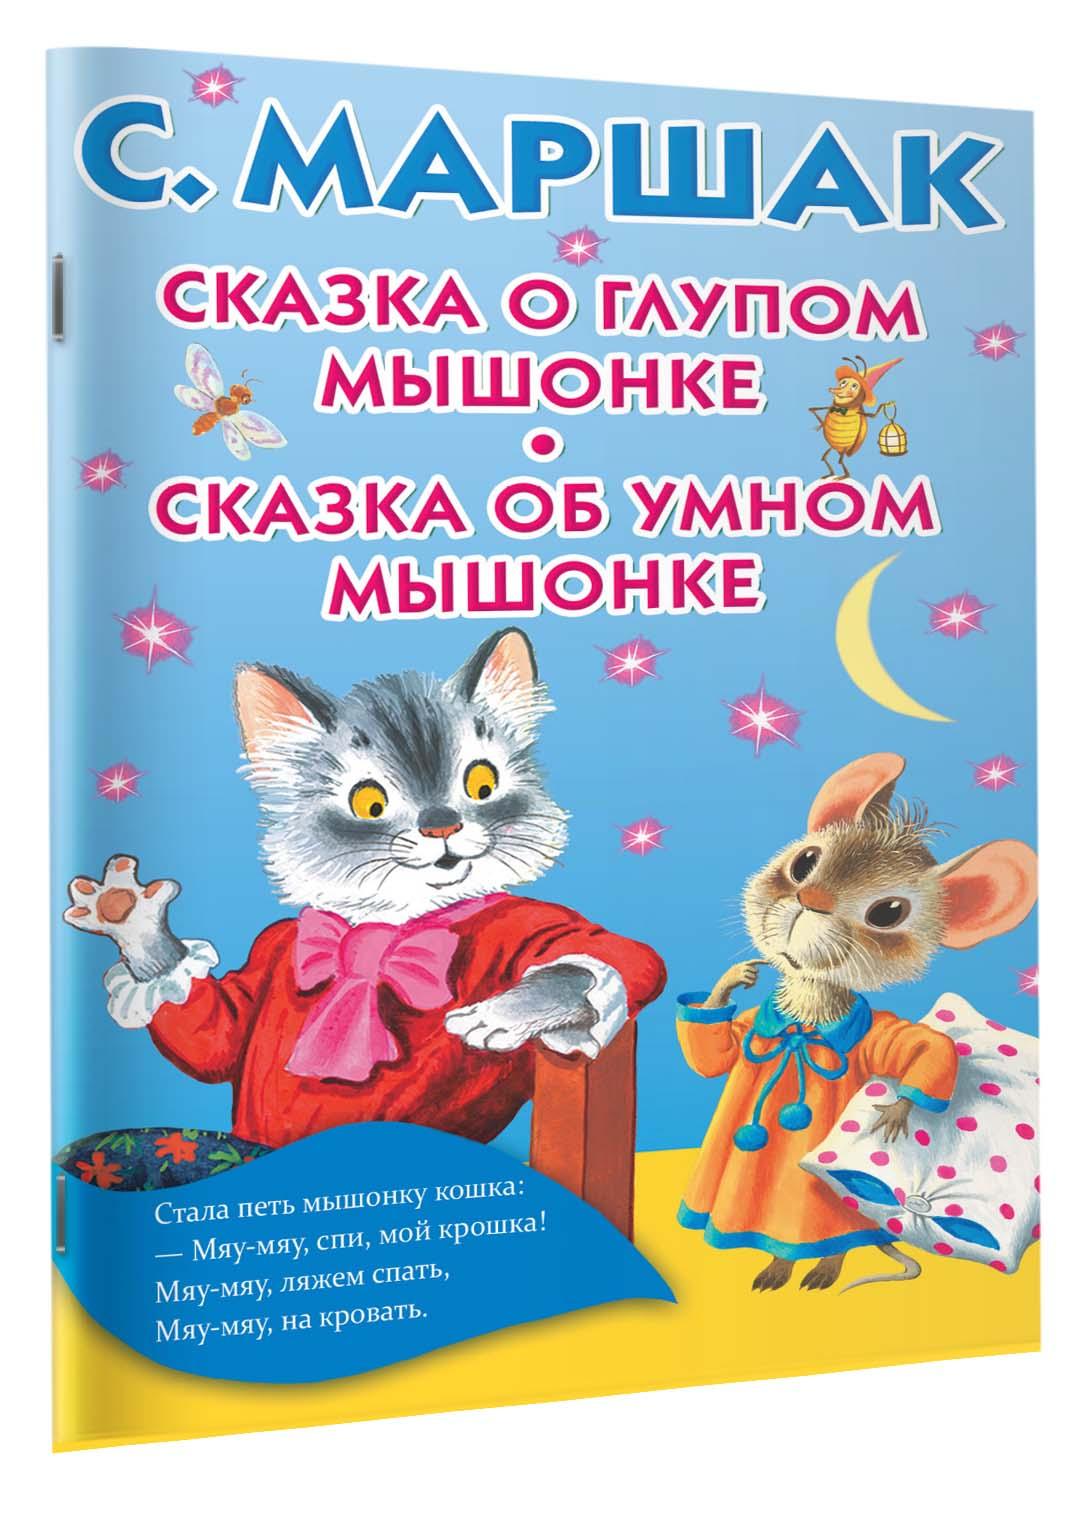 купить Маршак С.Я. Сказка о глупом мышонке. Сказка об умном мышонке по цене 64 рублей